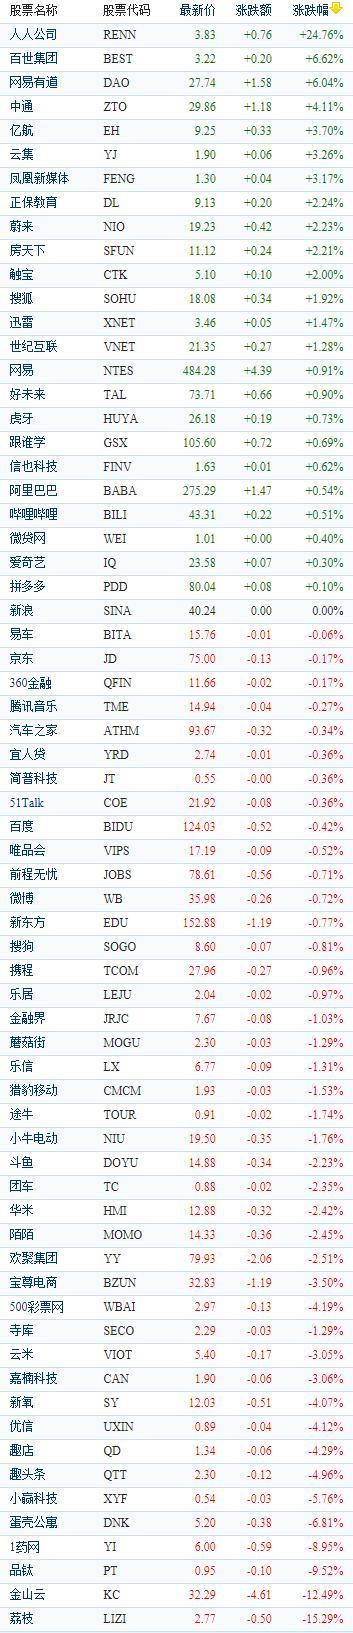 中国概念股周二收盘涨跌互现 荔枝大跌近16%